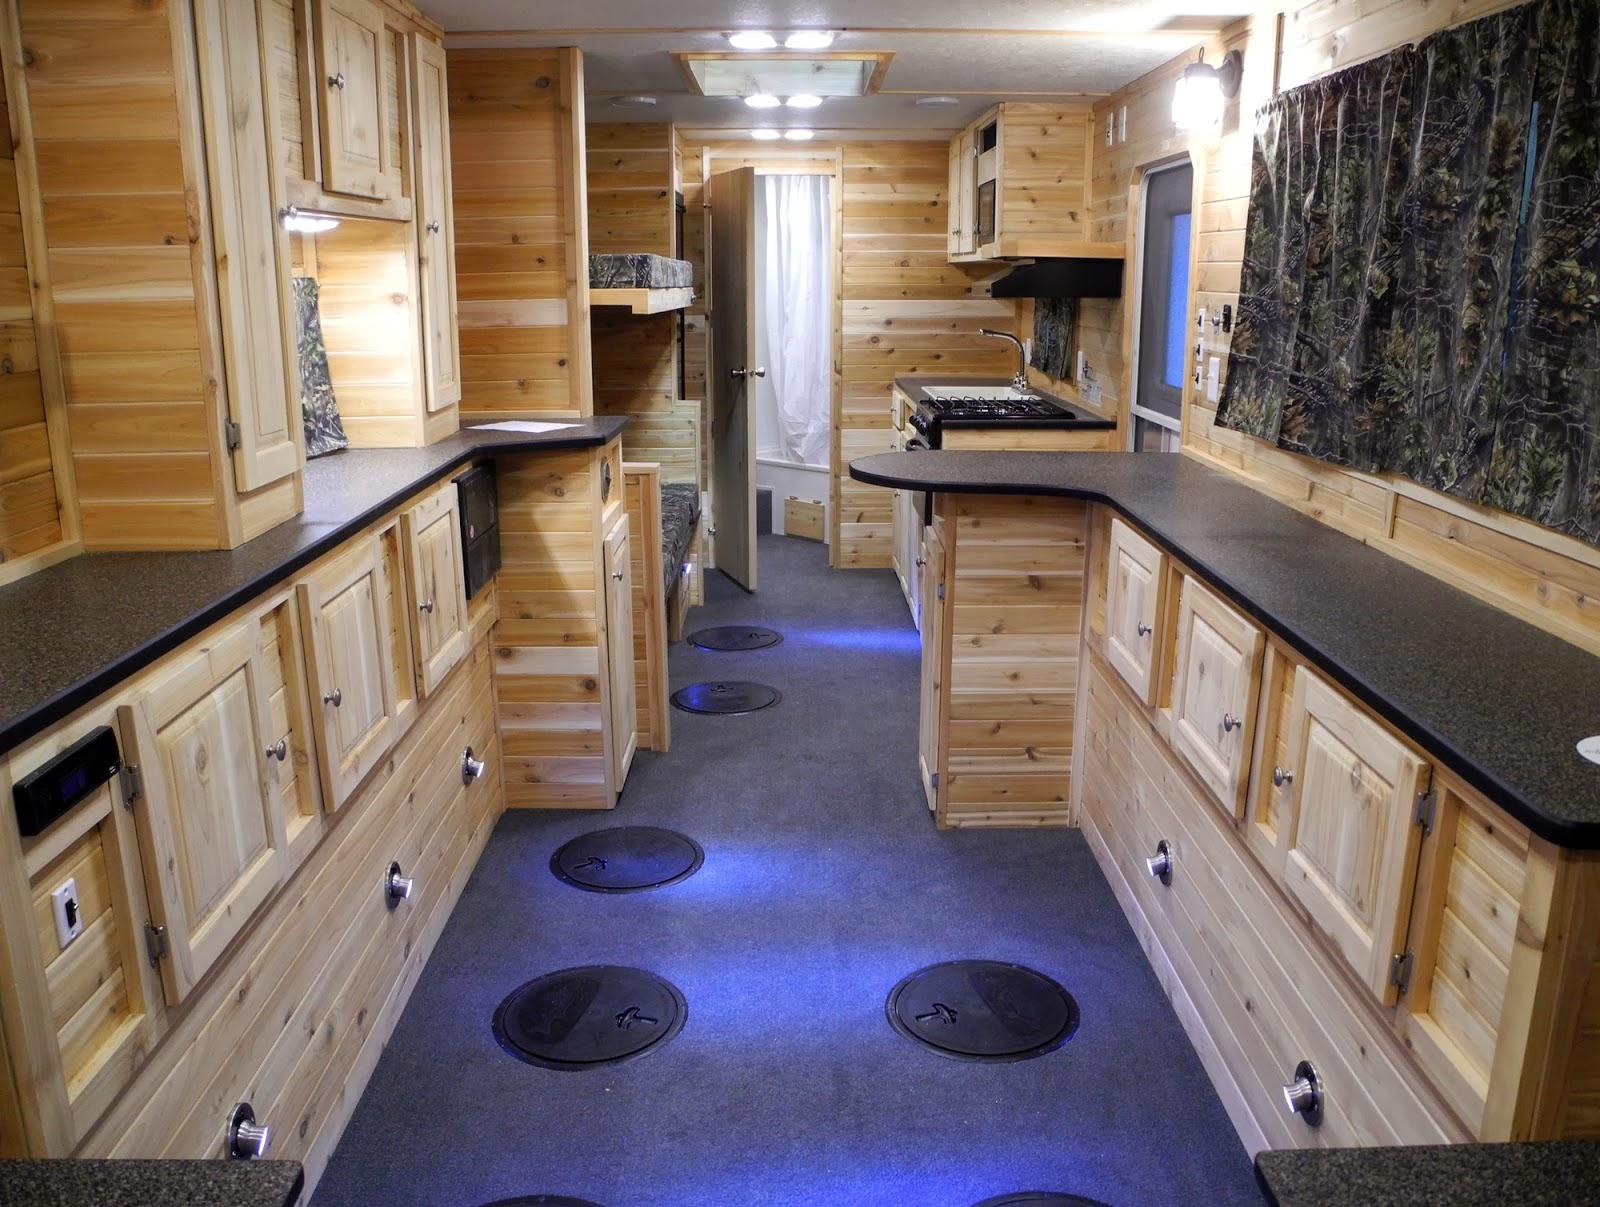 Ice castle fish house plans – House design ideas